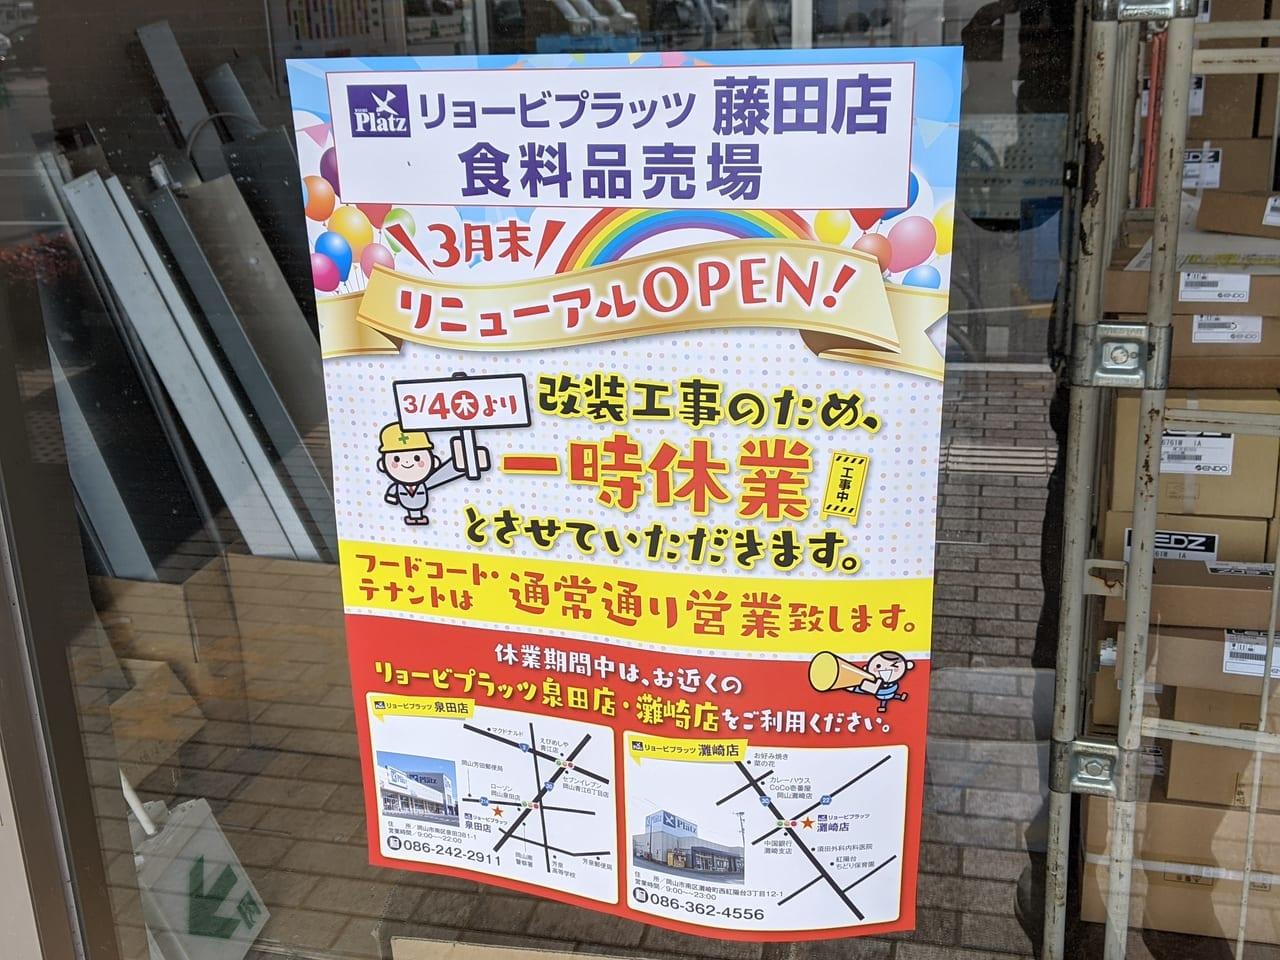 リョービプラッツ藤田店の改装工事のお知らせ